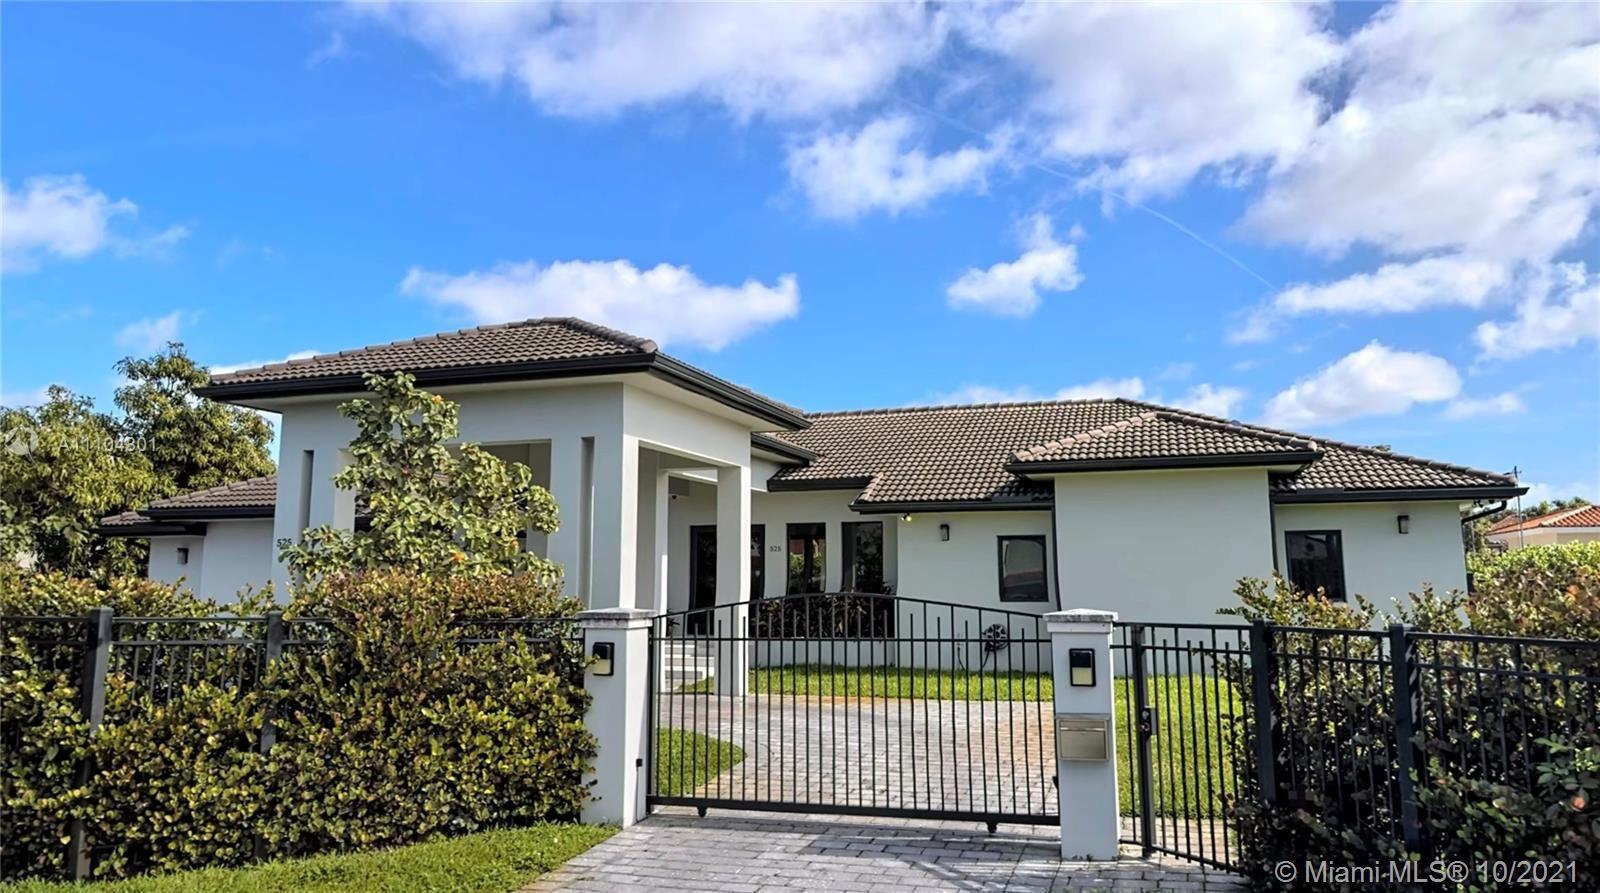 525 SW 87th Ave, Miami, FL 33174 - #: A11104801